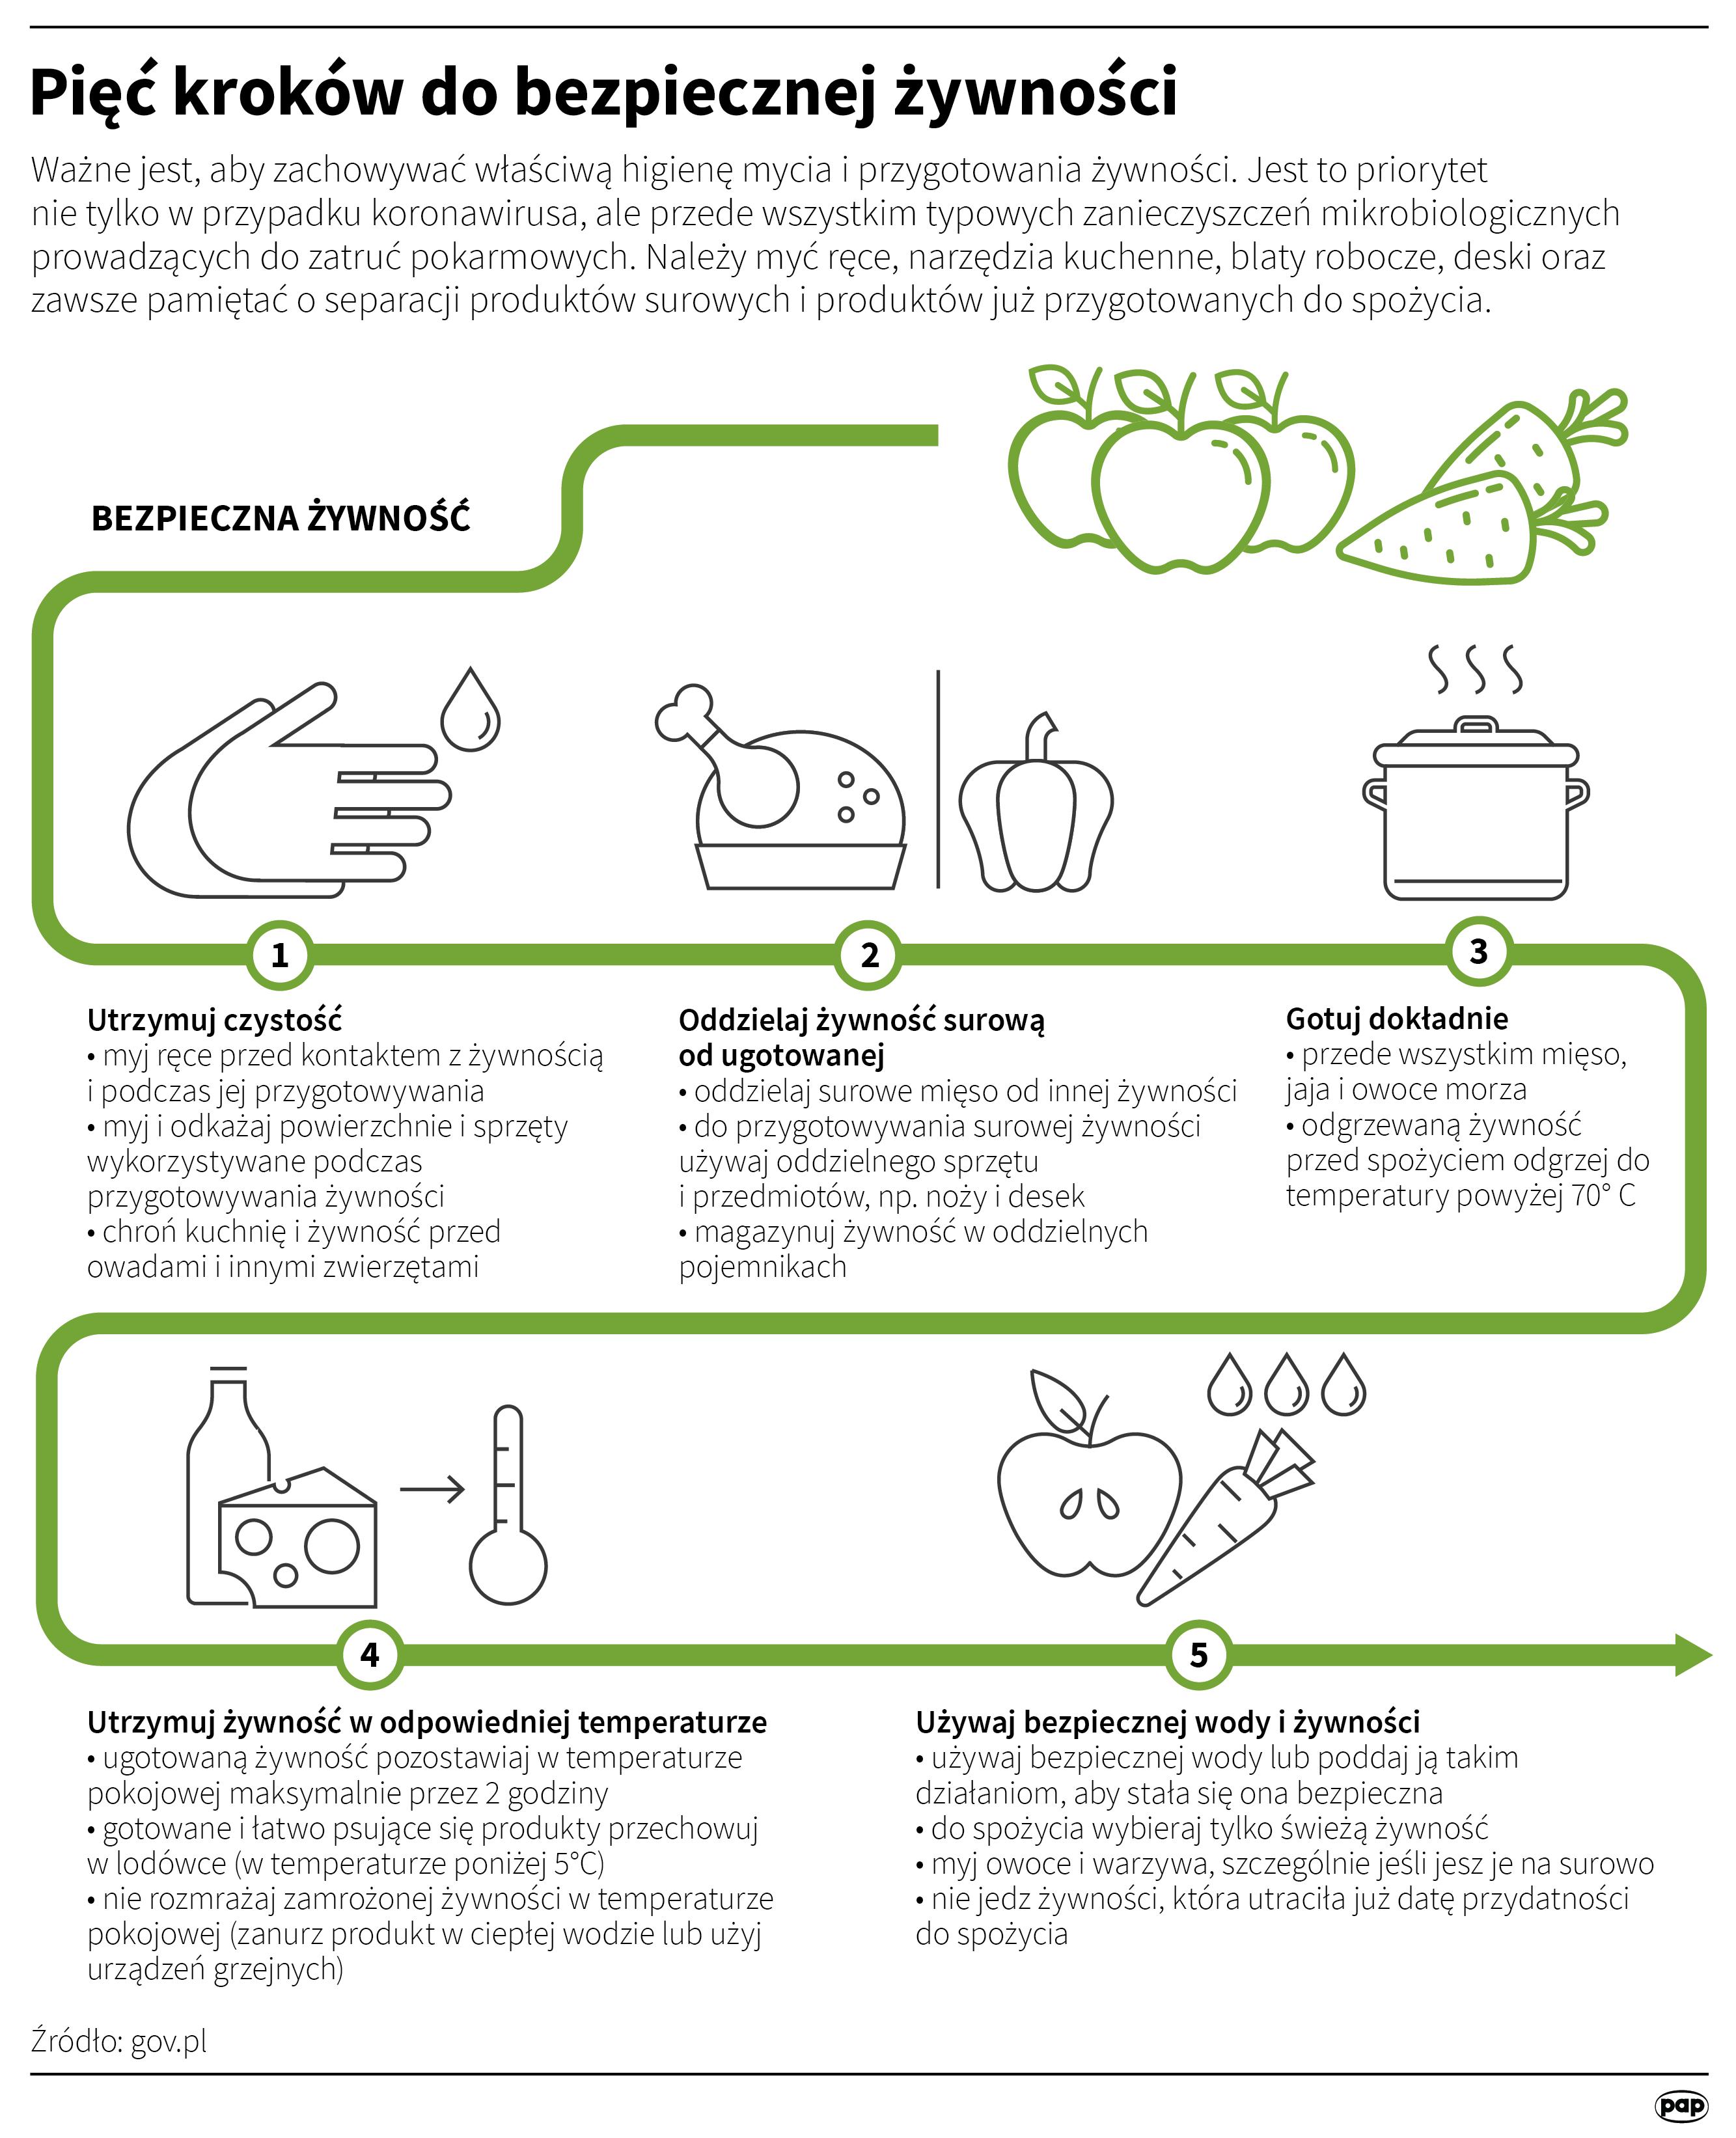 Należy zachowywać właściwą higienę mycia i przygotowania żywności. Jest to priorytet nie tylko w przypadku koronawirusa, ale przede wszystkim typowych zanieczyszczeń mikrobiologicznych prowadzących do zatruć pokarmowych (opr. Maria Samczuk/PAP)